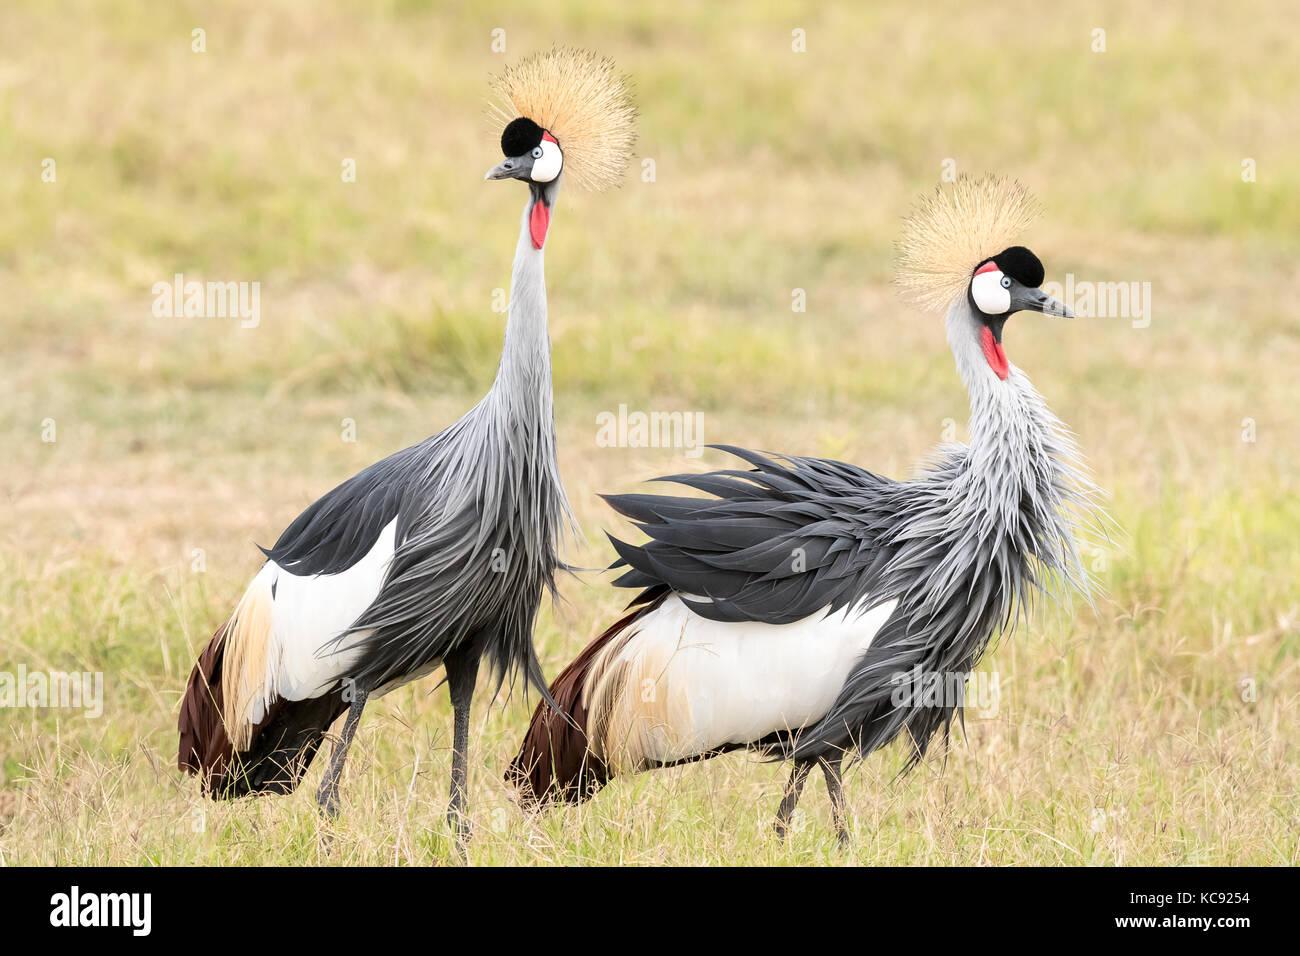 Ein paar Graue gekrönt Kran wurde die Nahrungssuche in der Amboseli National Park, Kenia. Grau gekrönt Stockbild